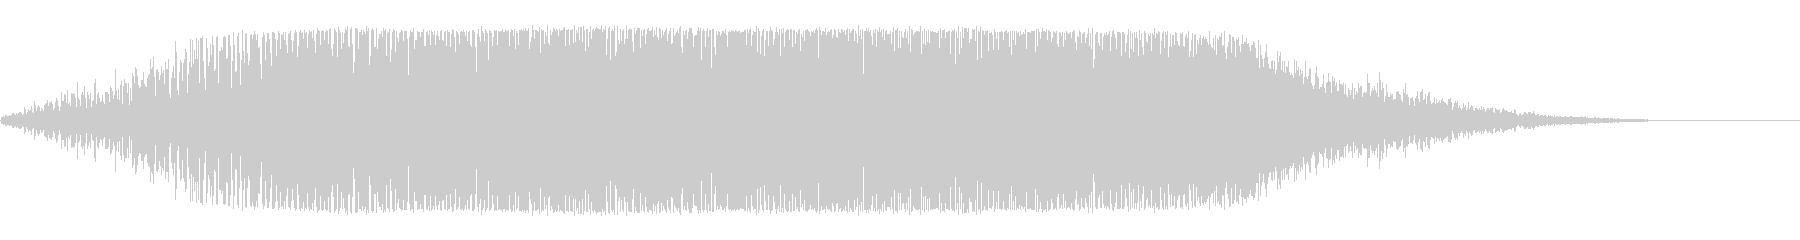 ヒュオーーン(巨大な宇宙船の通過音)の未再生の波形